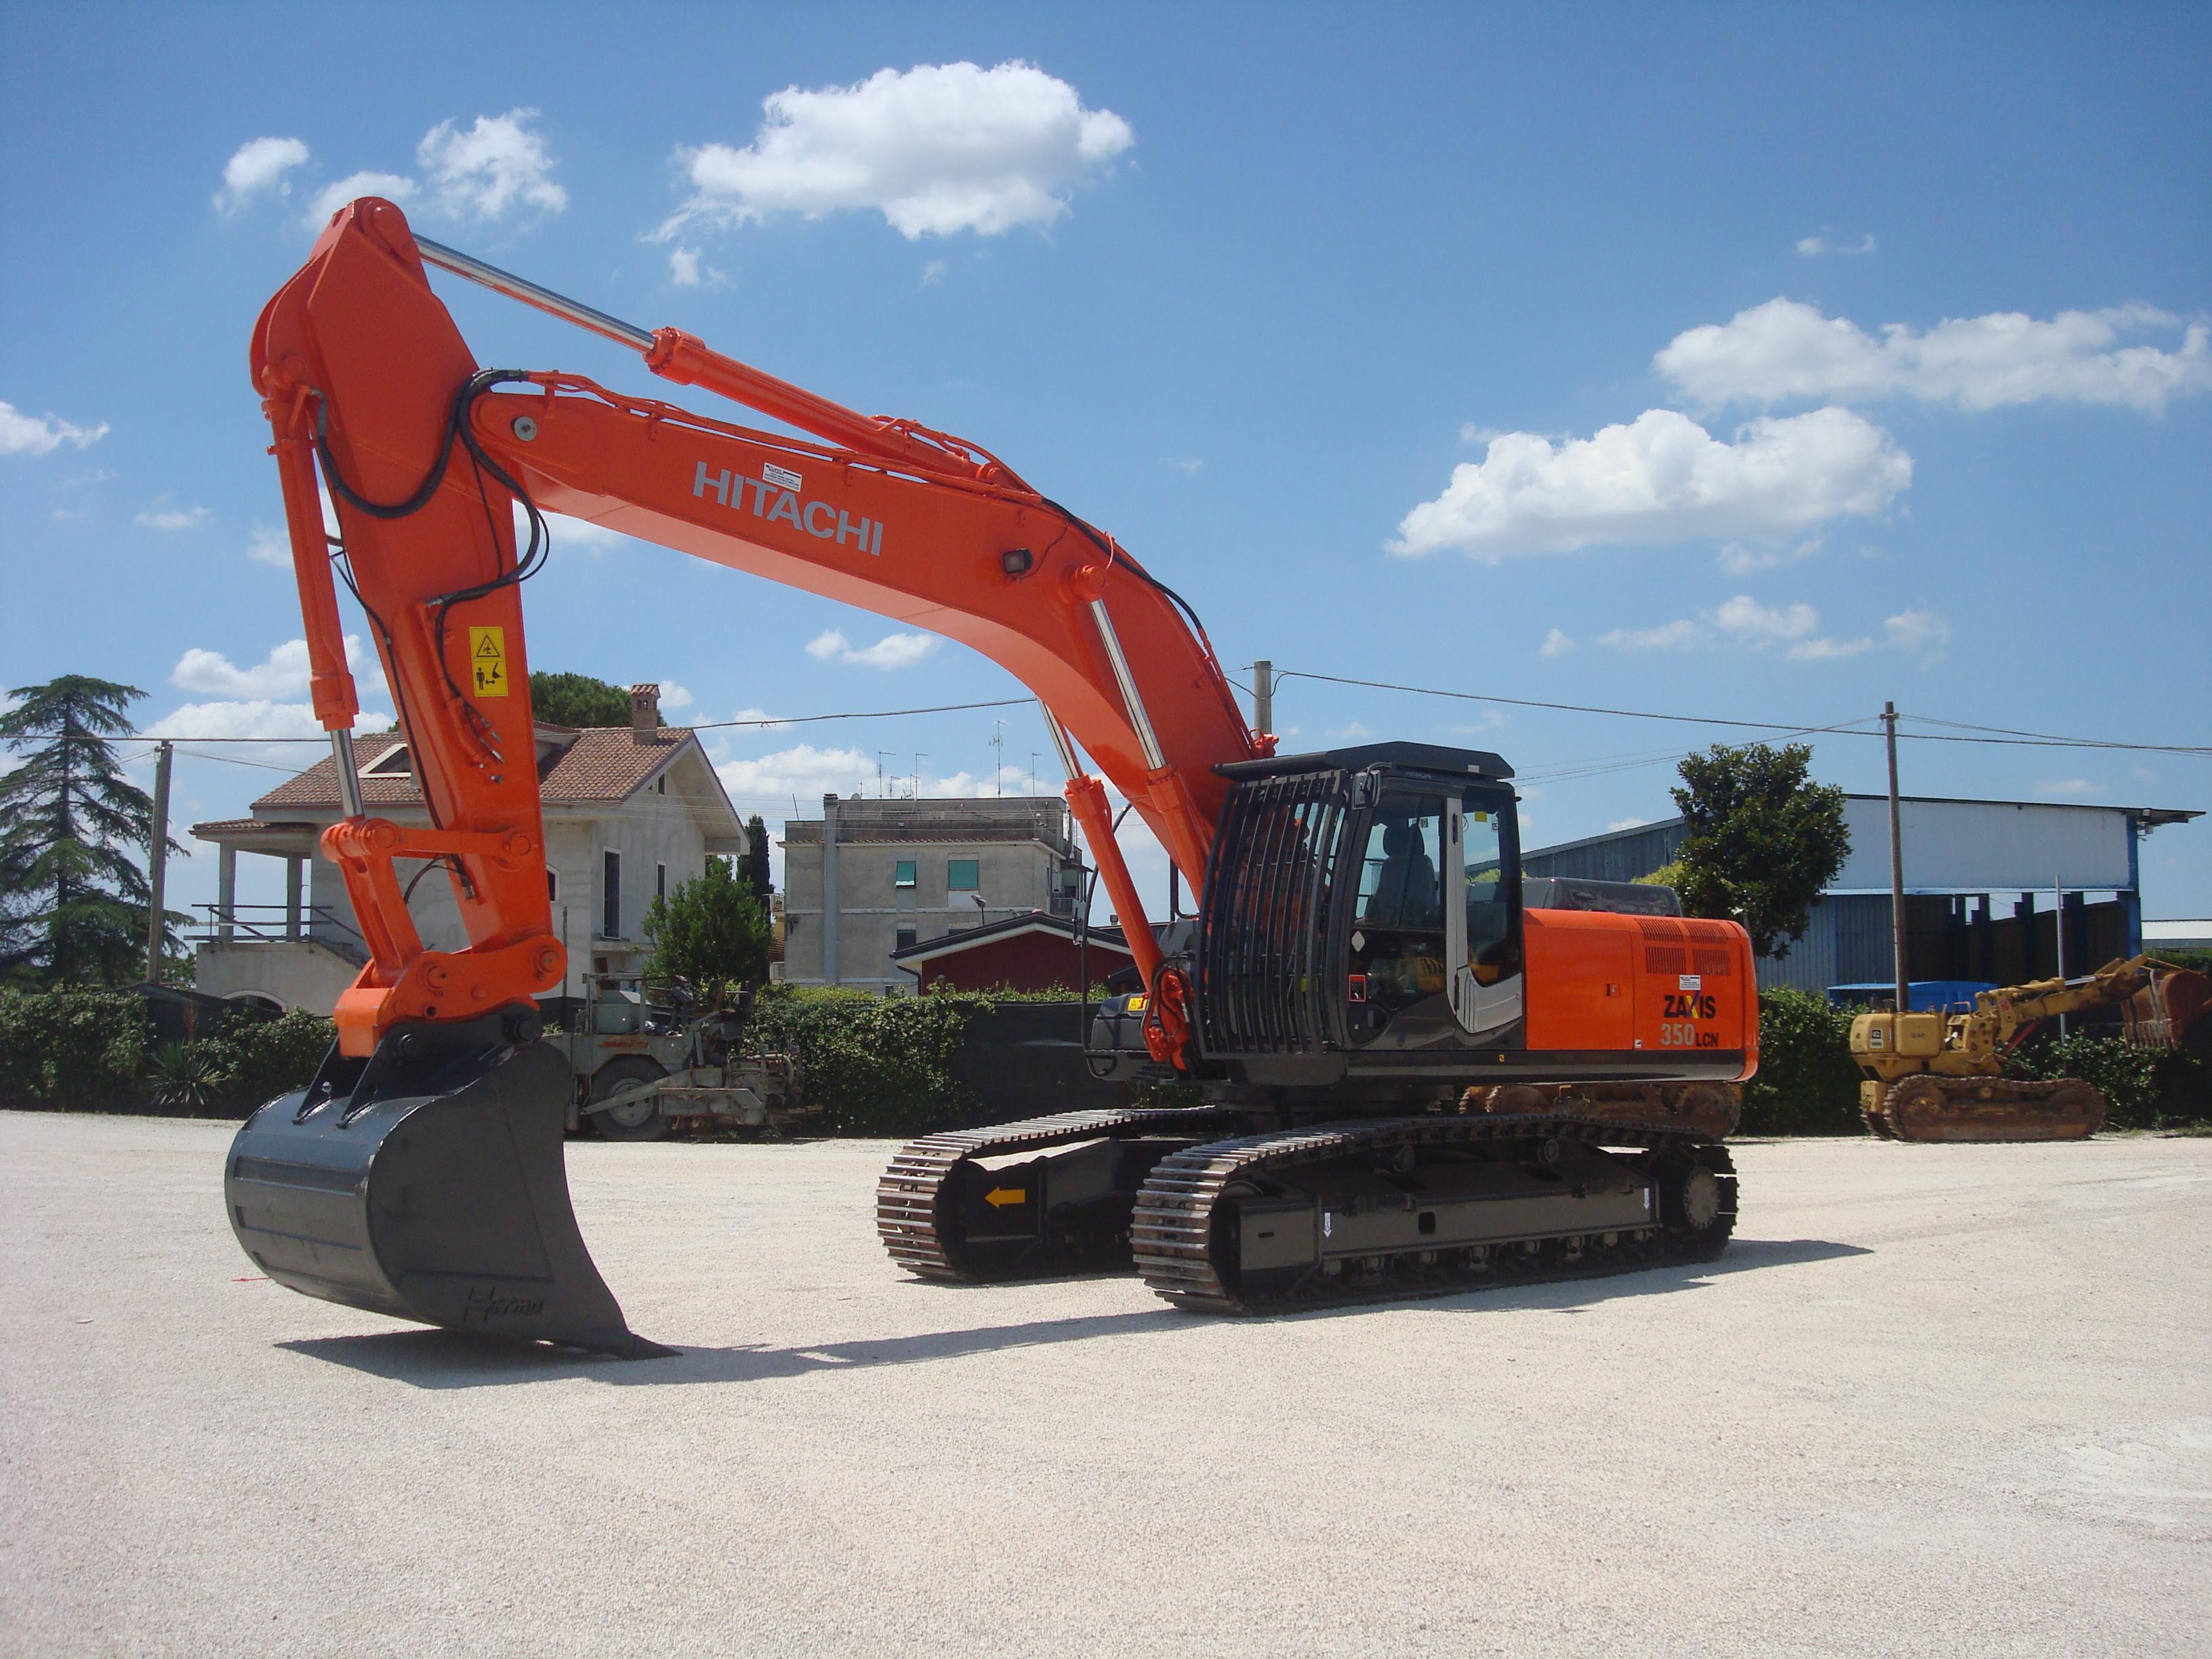 Escavatore Cingolato Hitachi ZAXIS 350.3